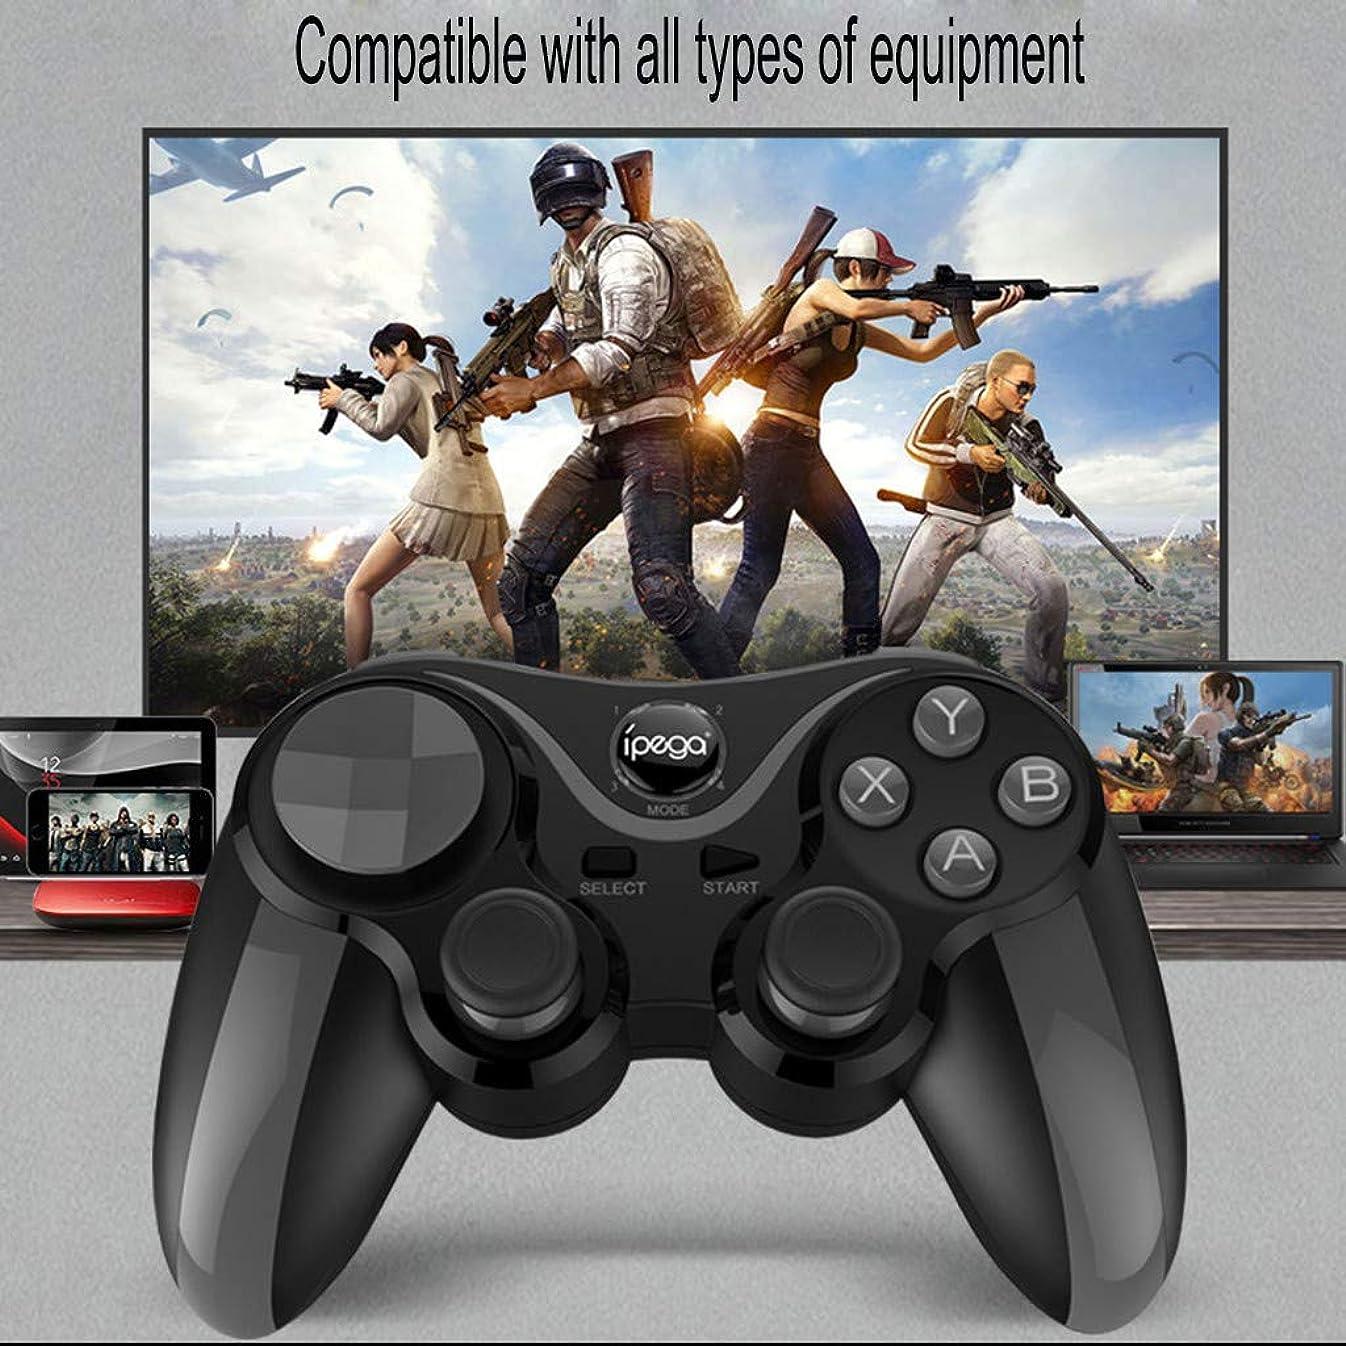 解放する生理マンハッタンIPEGA PG-9128ワイヤレスBluetoothストレッチゲームモバイルゲームコントローラ 人間の特徴をもつタブレットのPC TV箱のための無線ブルートゥースのゲームコントローラーのゲームパッドのジョイスティック (ブラック)